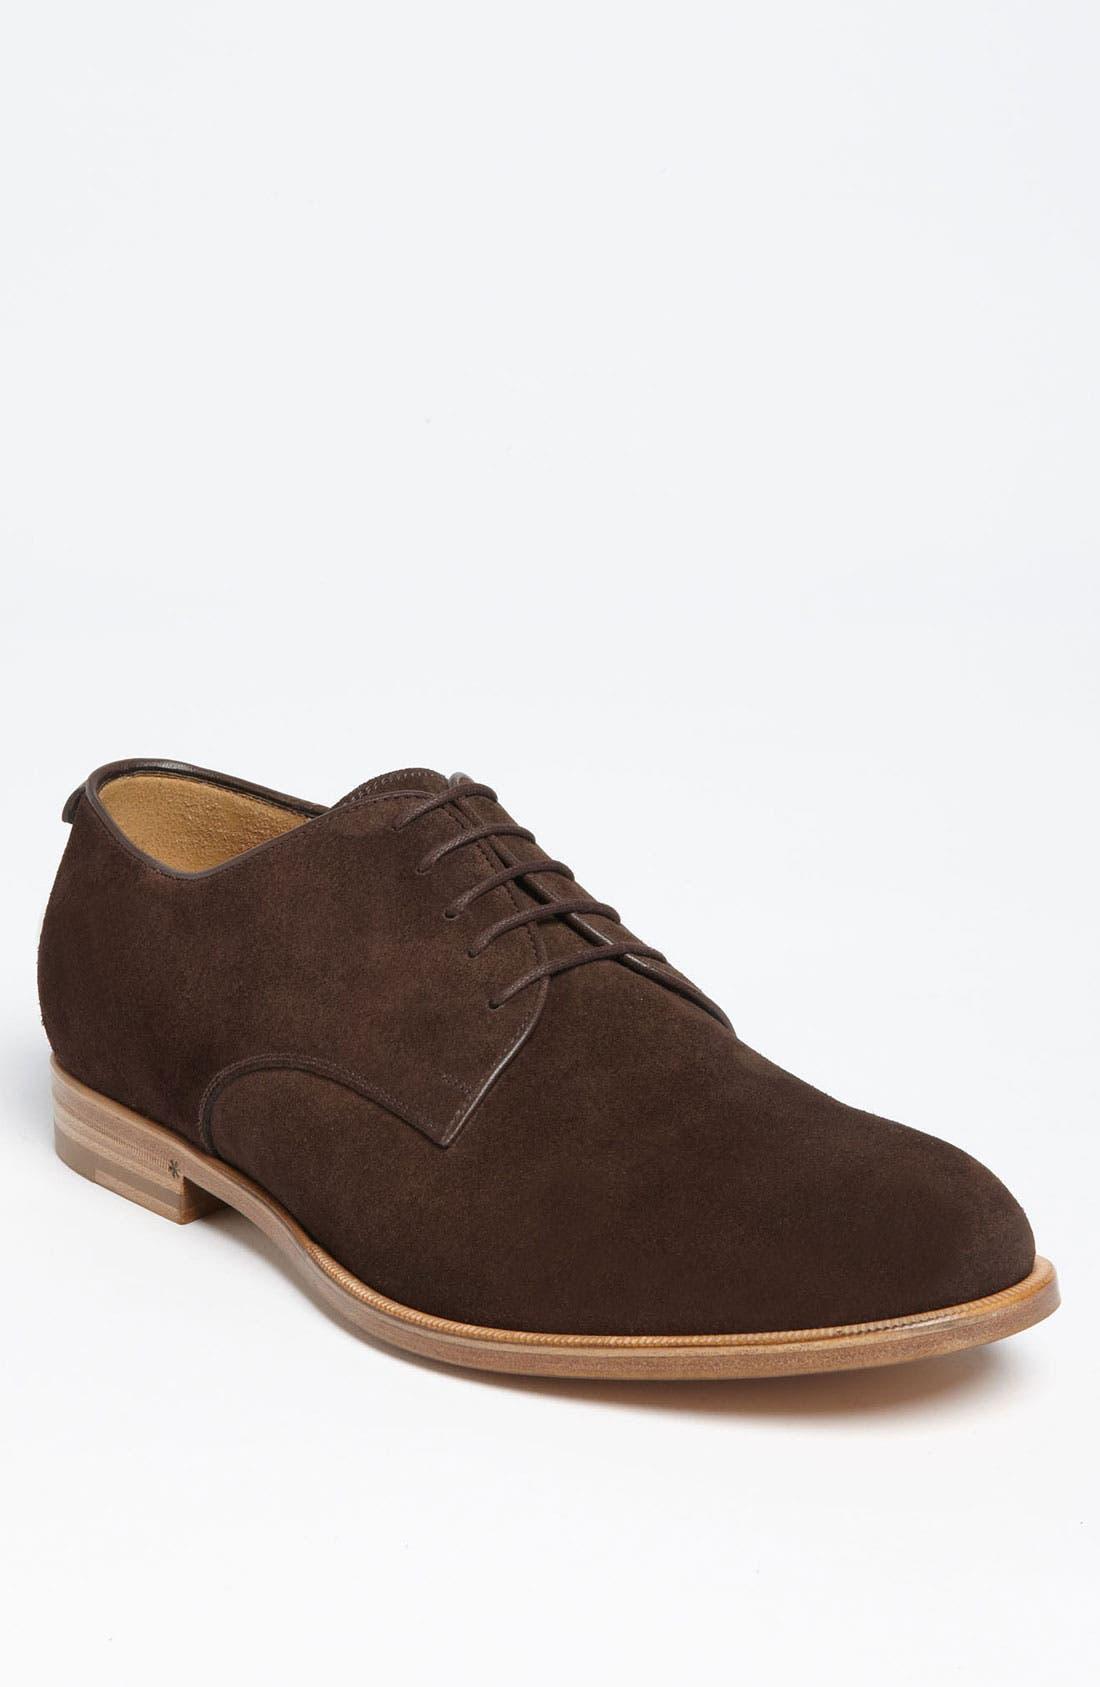 Main Image - Gucci 'Clerck' Buck Shoe